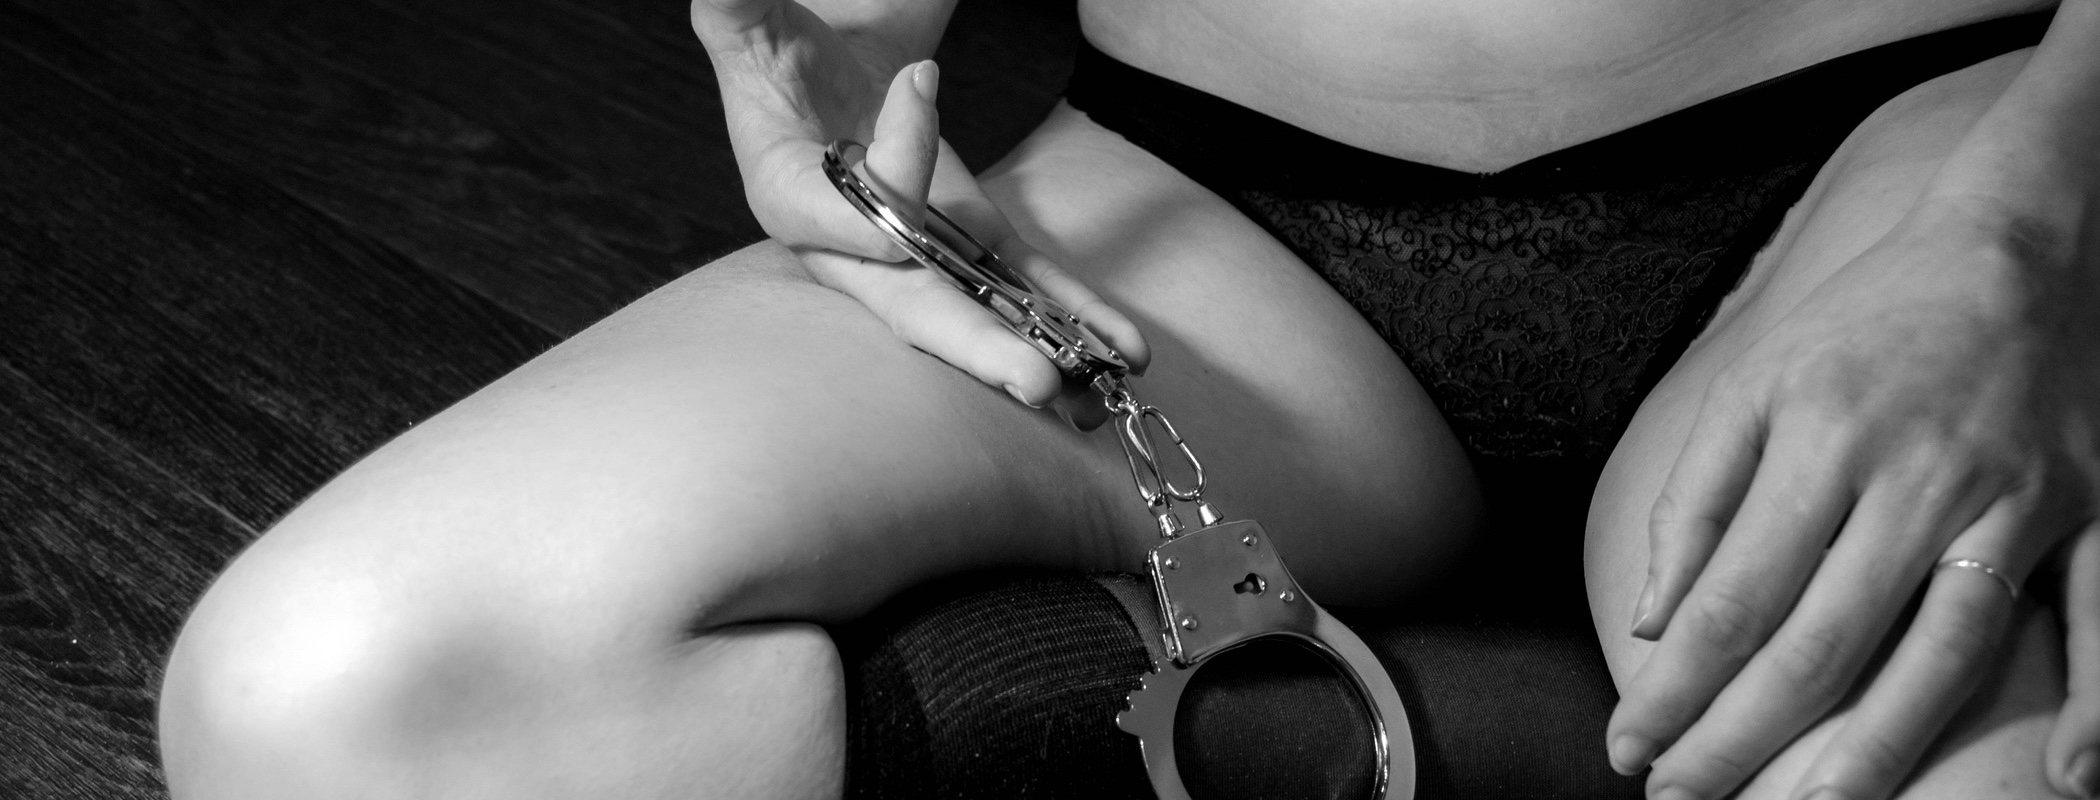 Las fantasías sexuales más comunes entre los hombres